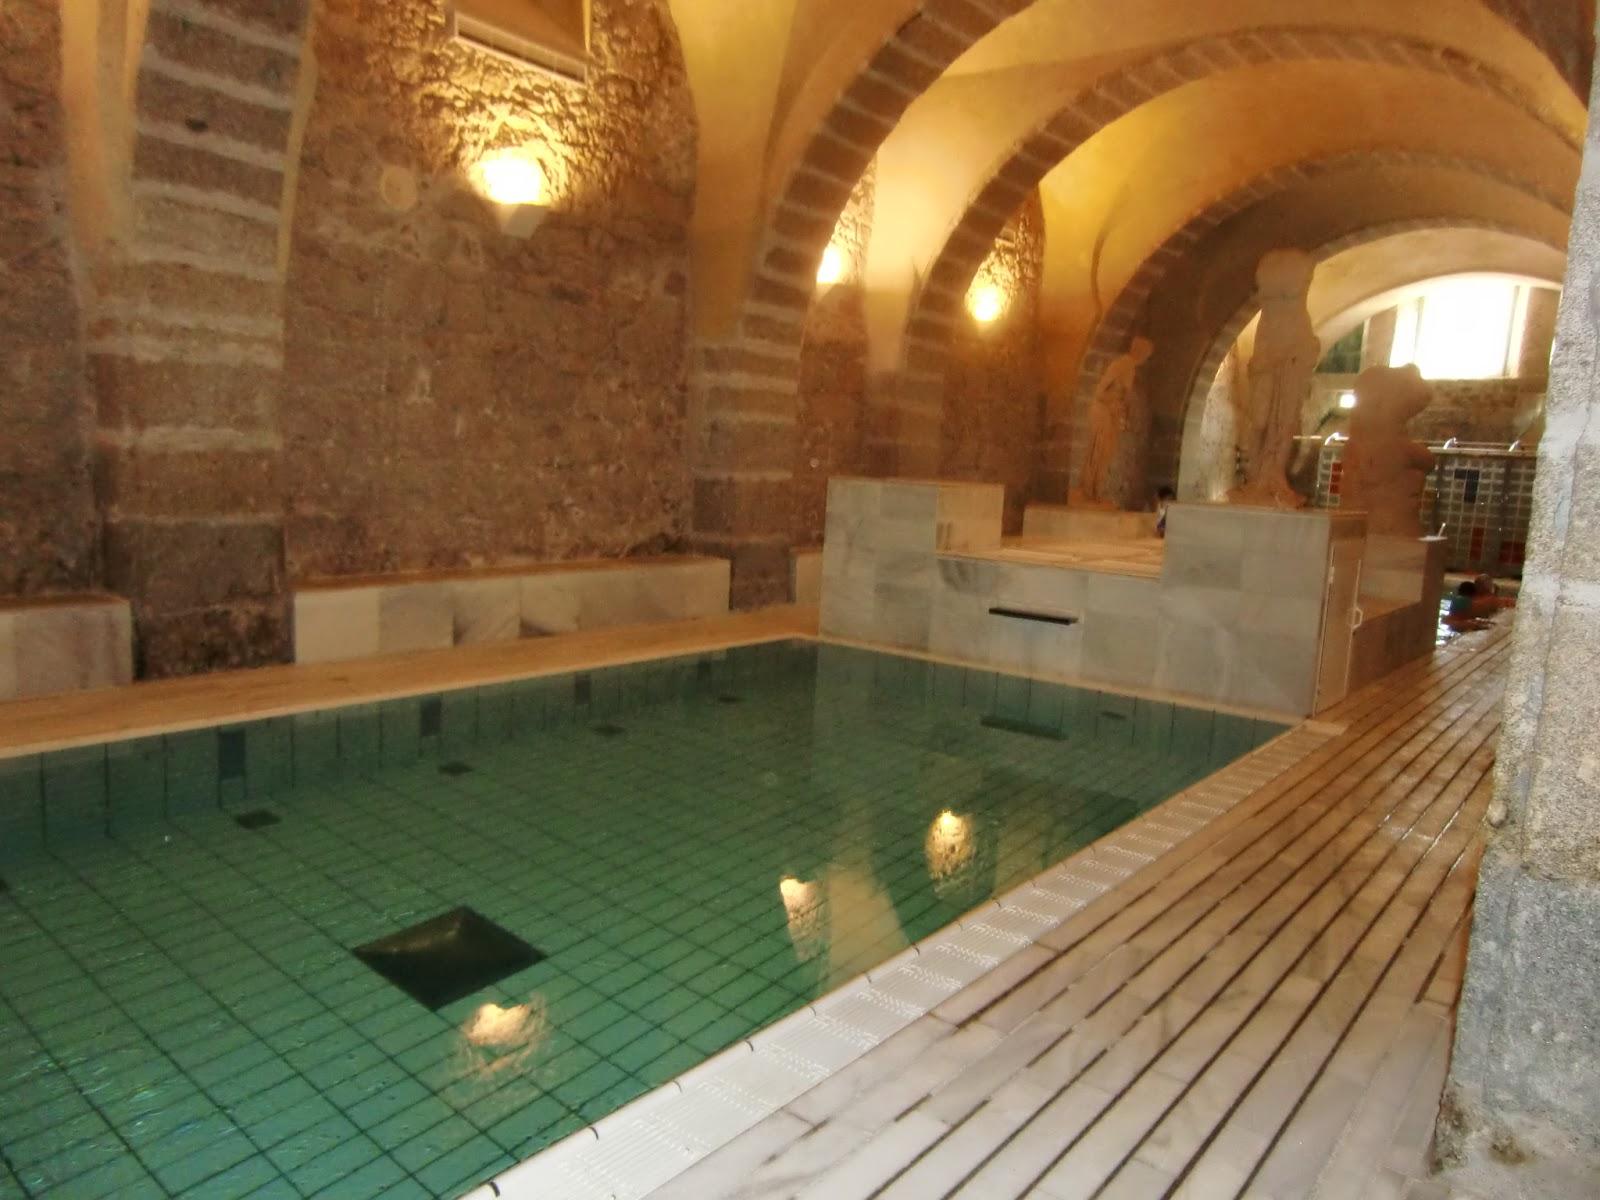 Rflx s balnearios el placer de sumergirse en anguas - Termas de banos de montemayor ...